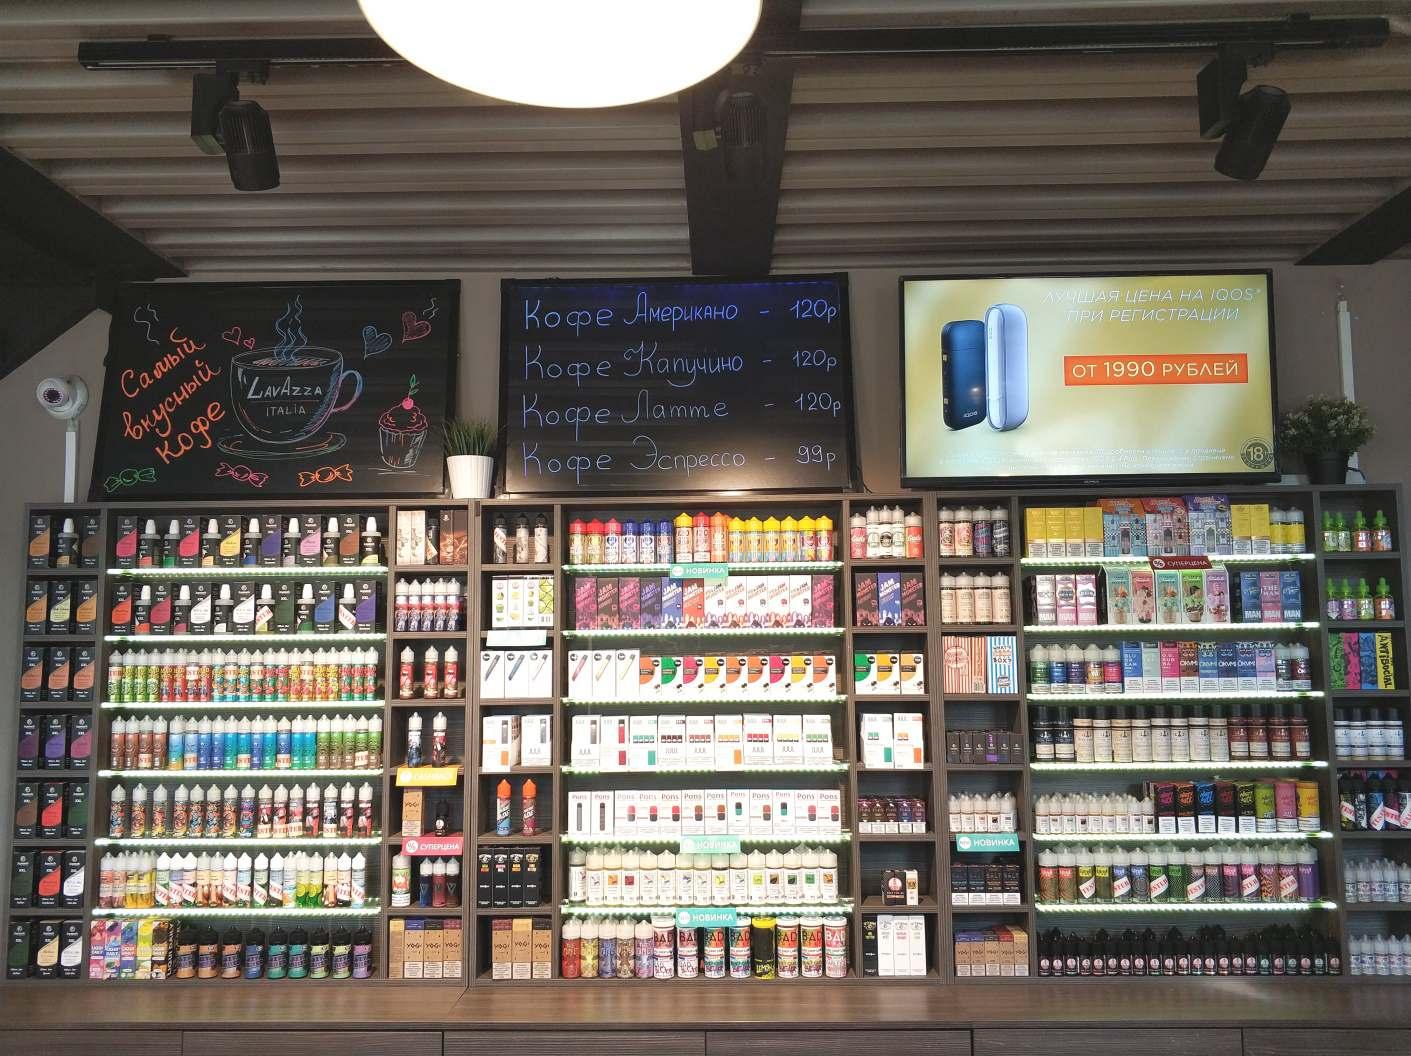 Магазин электронных сигарет купить москва где купить электронную сигарету саранск